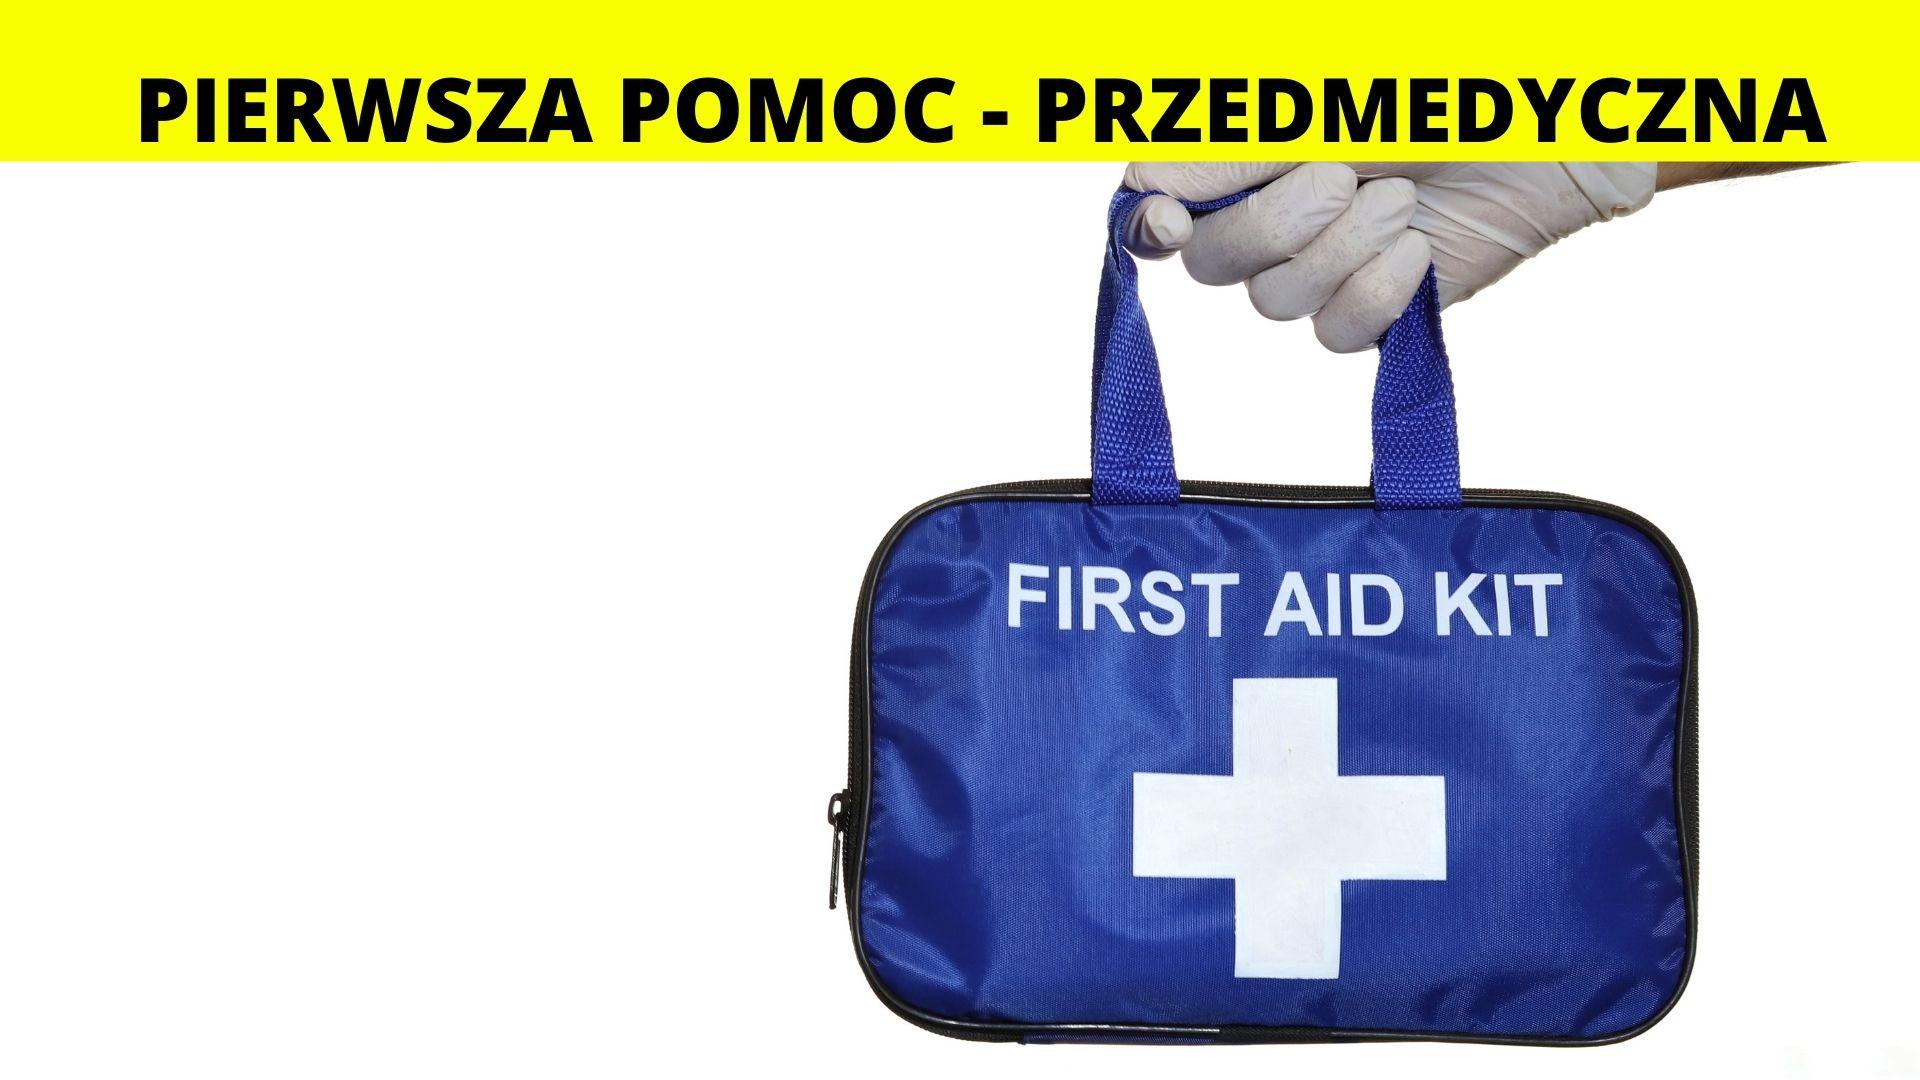 Pierwsza pomoc - przedmedyczna. Warsztaty dla dzieci